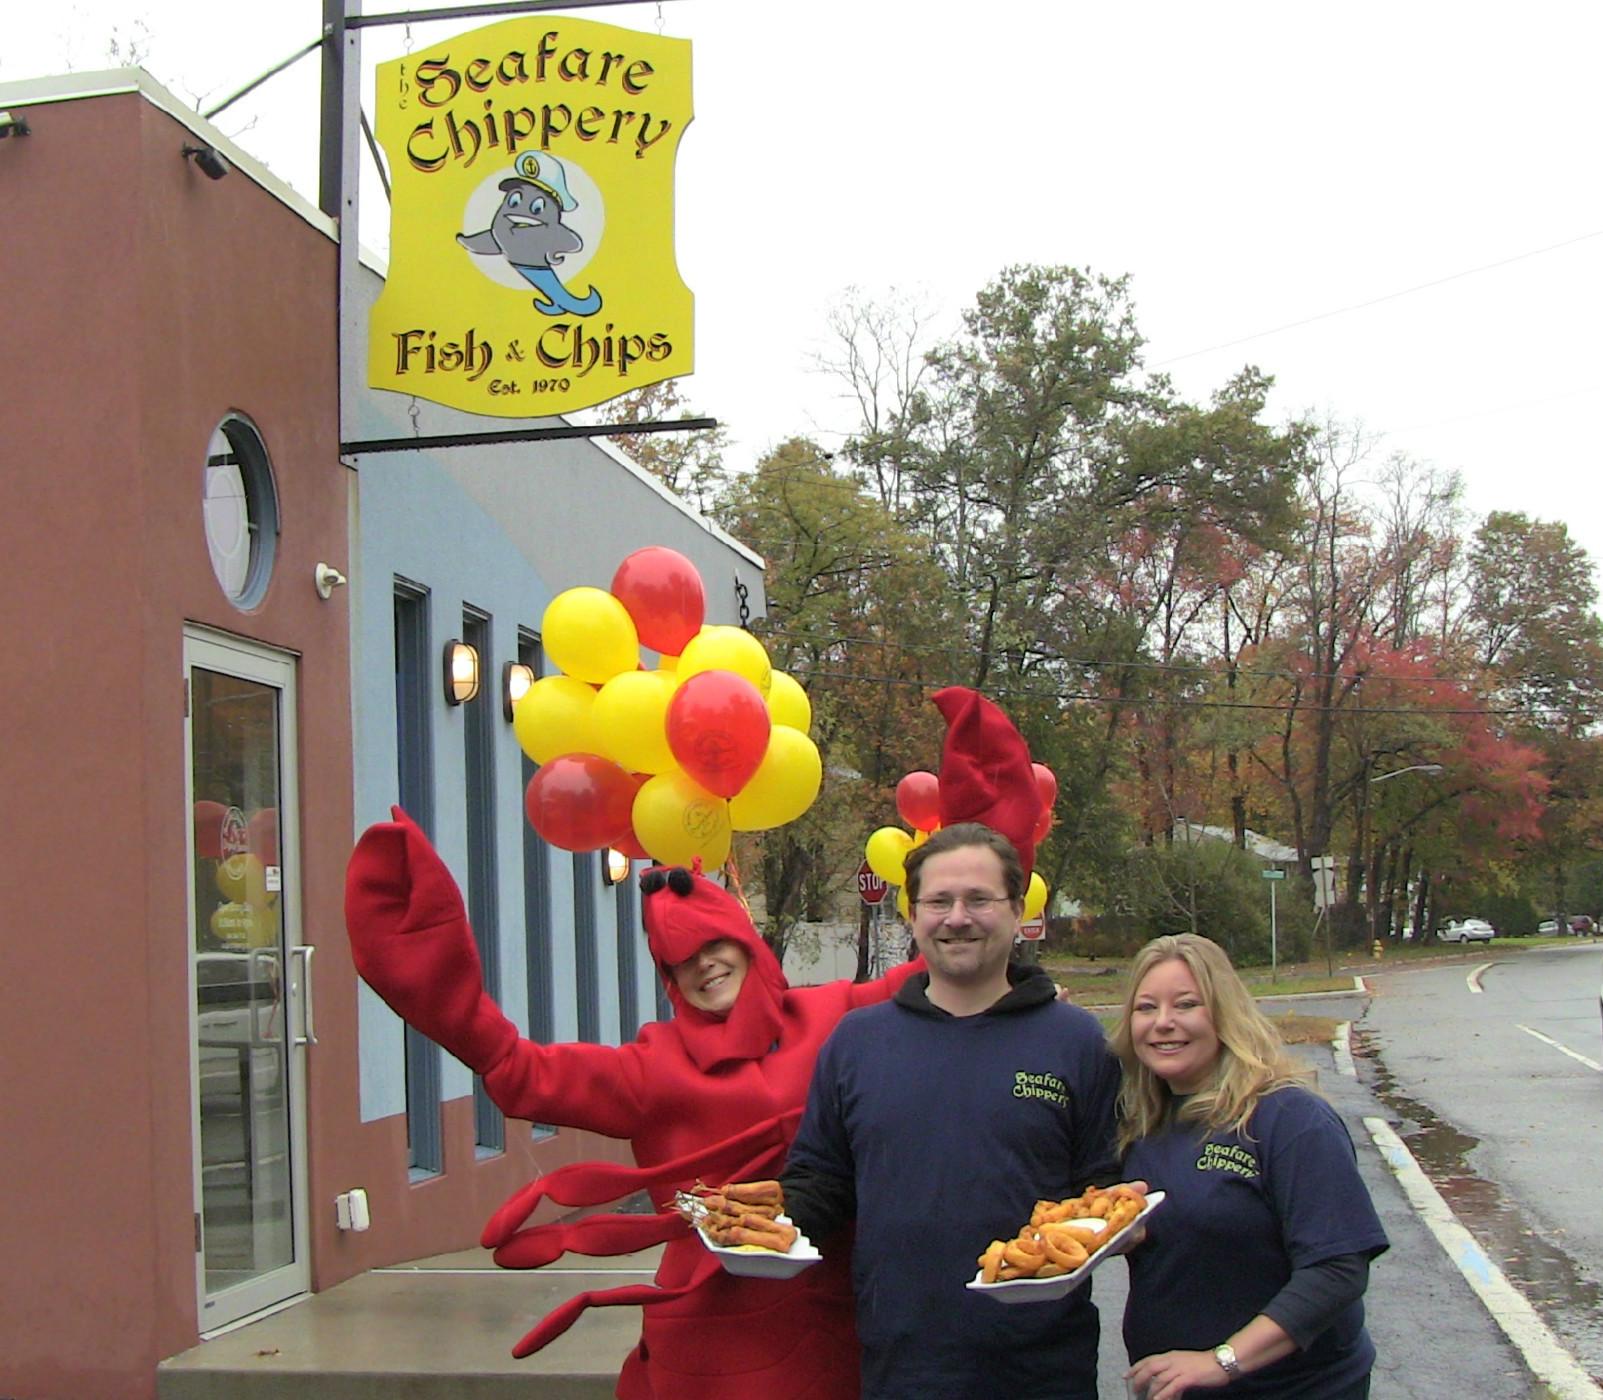 9498aae8c23fab98c9b6_Lobster-Brian-Deanna.jpg